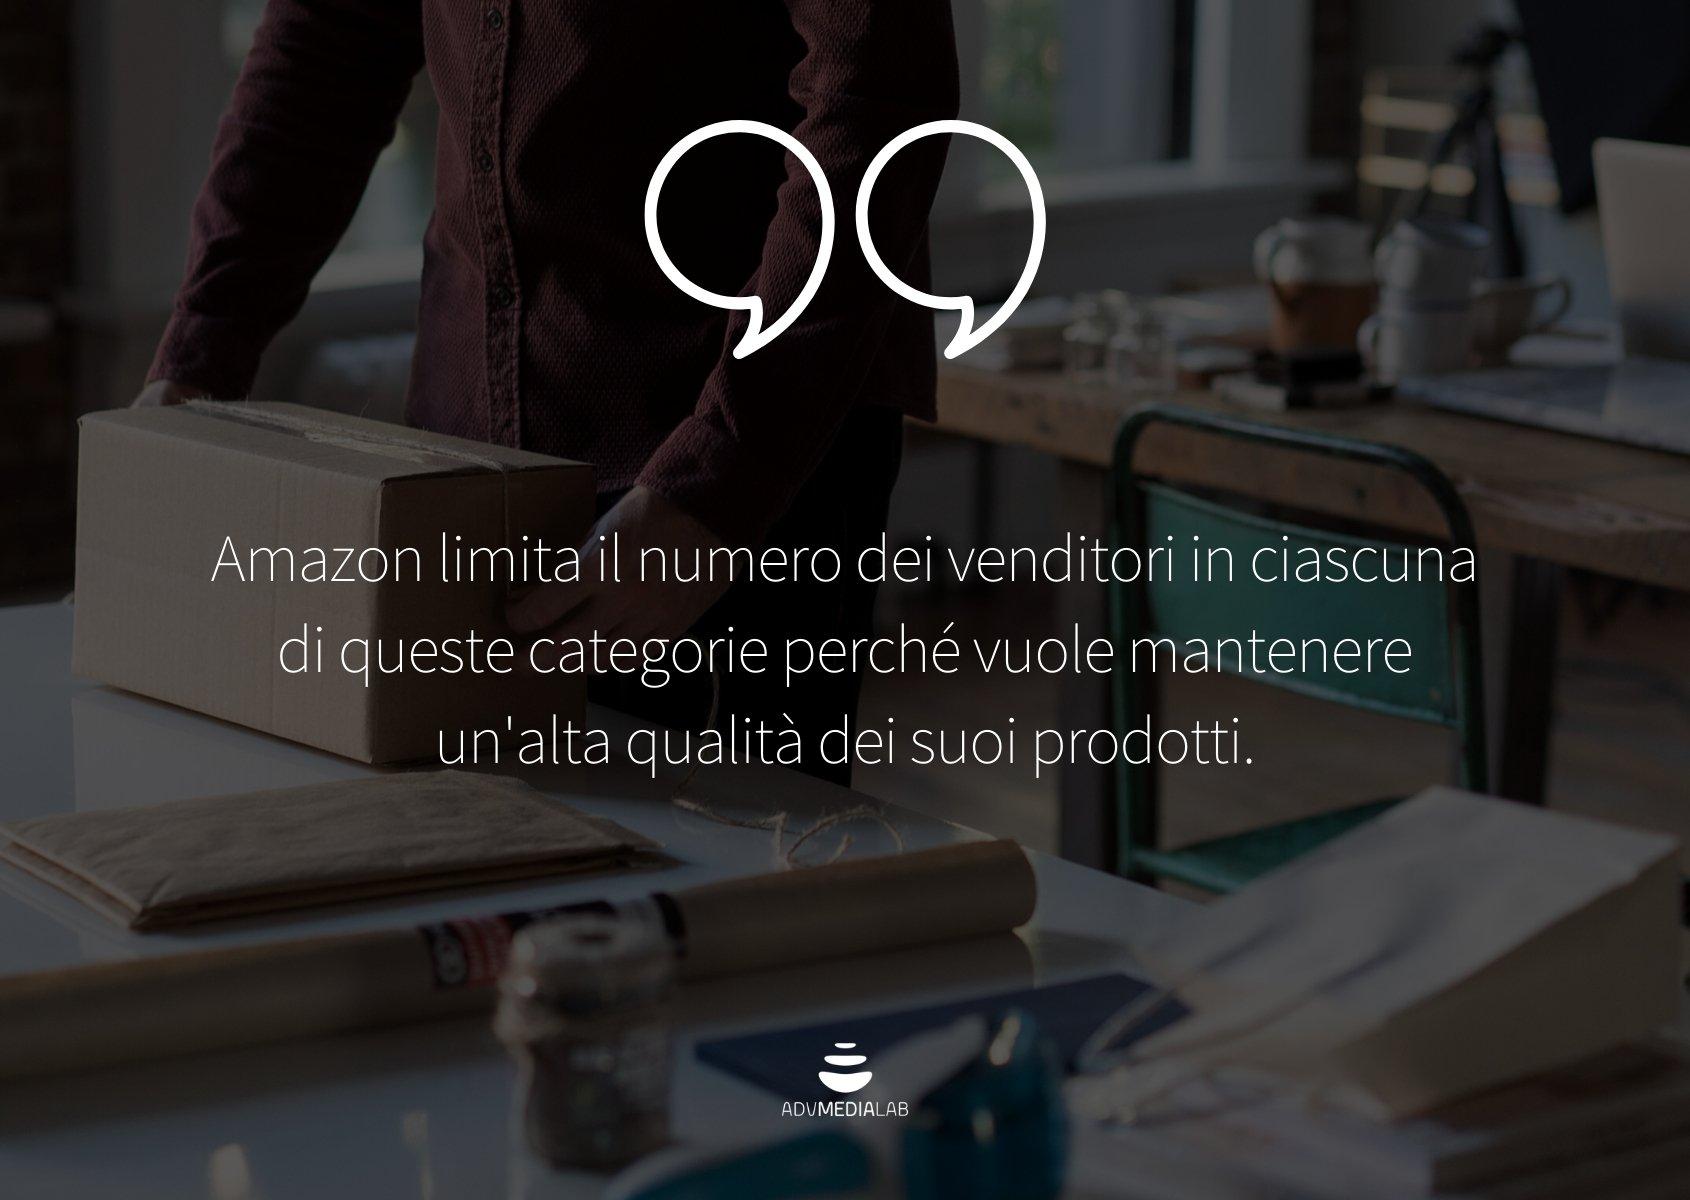 Vendere-amazon-quote2